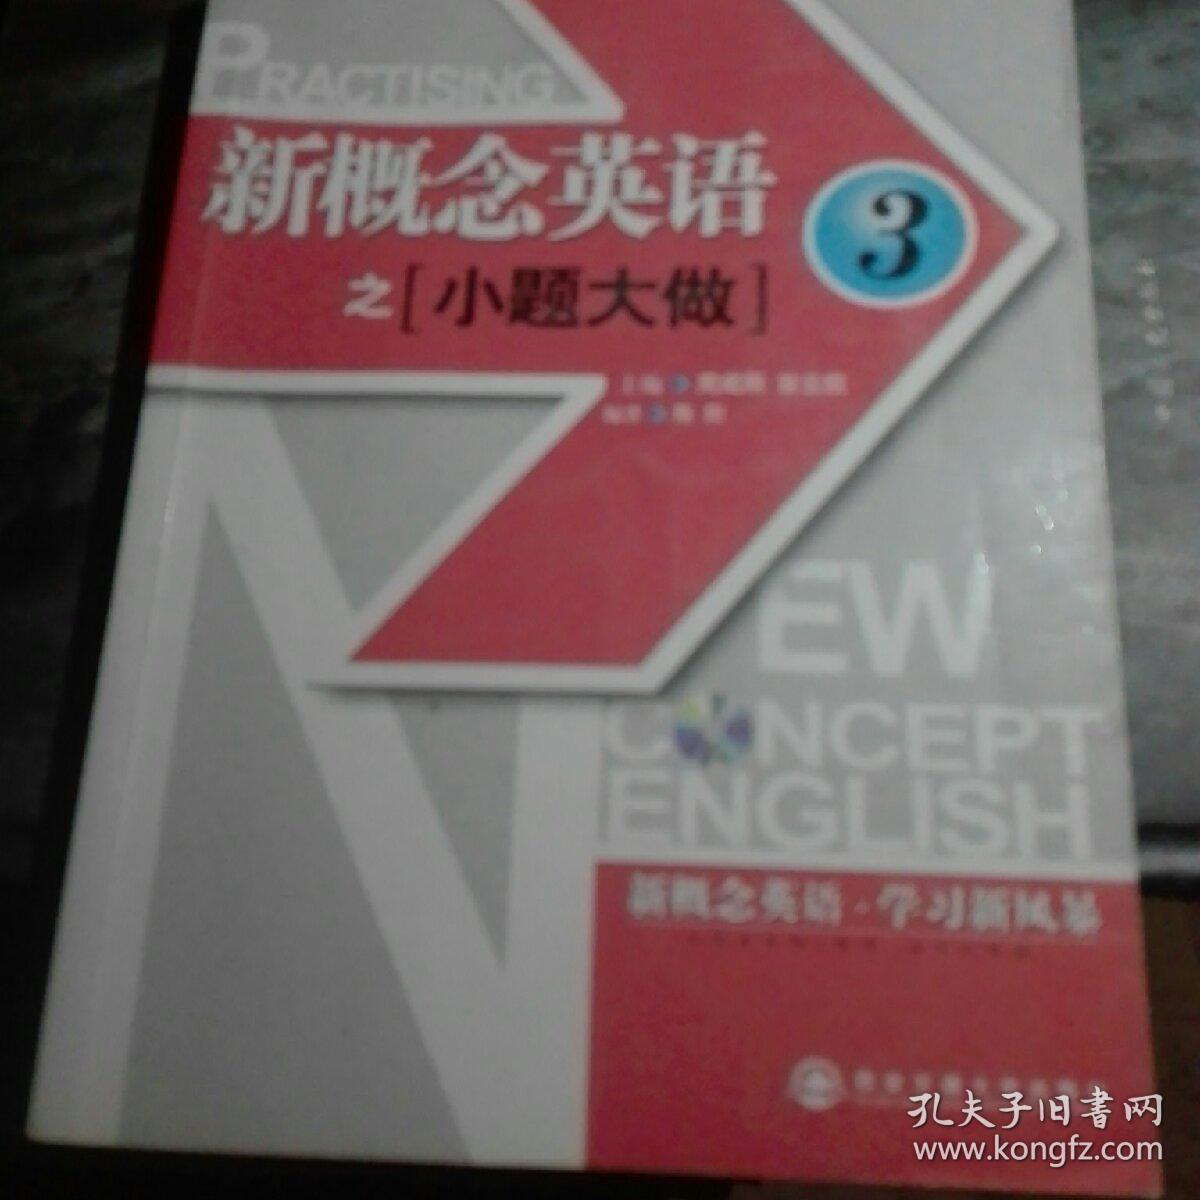 新东方 新概念英语之小题大做3